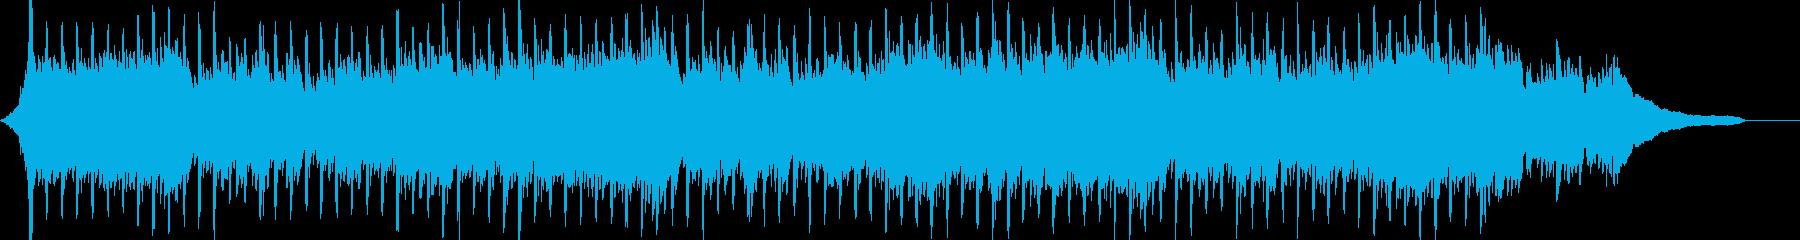 企業VP系47、爽やかピアノ4つ打ちbの再生済みの波形